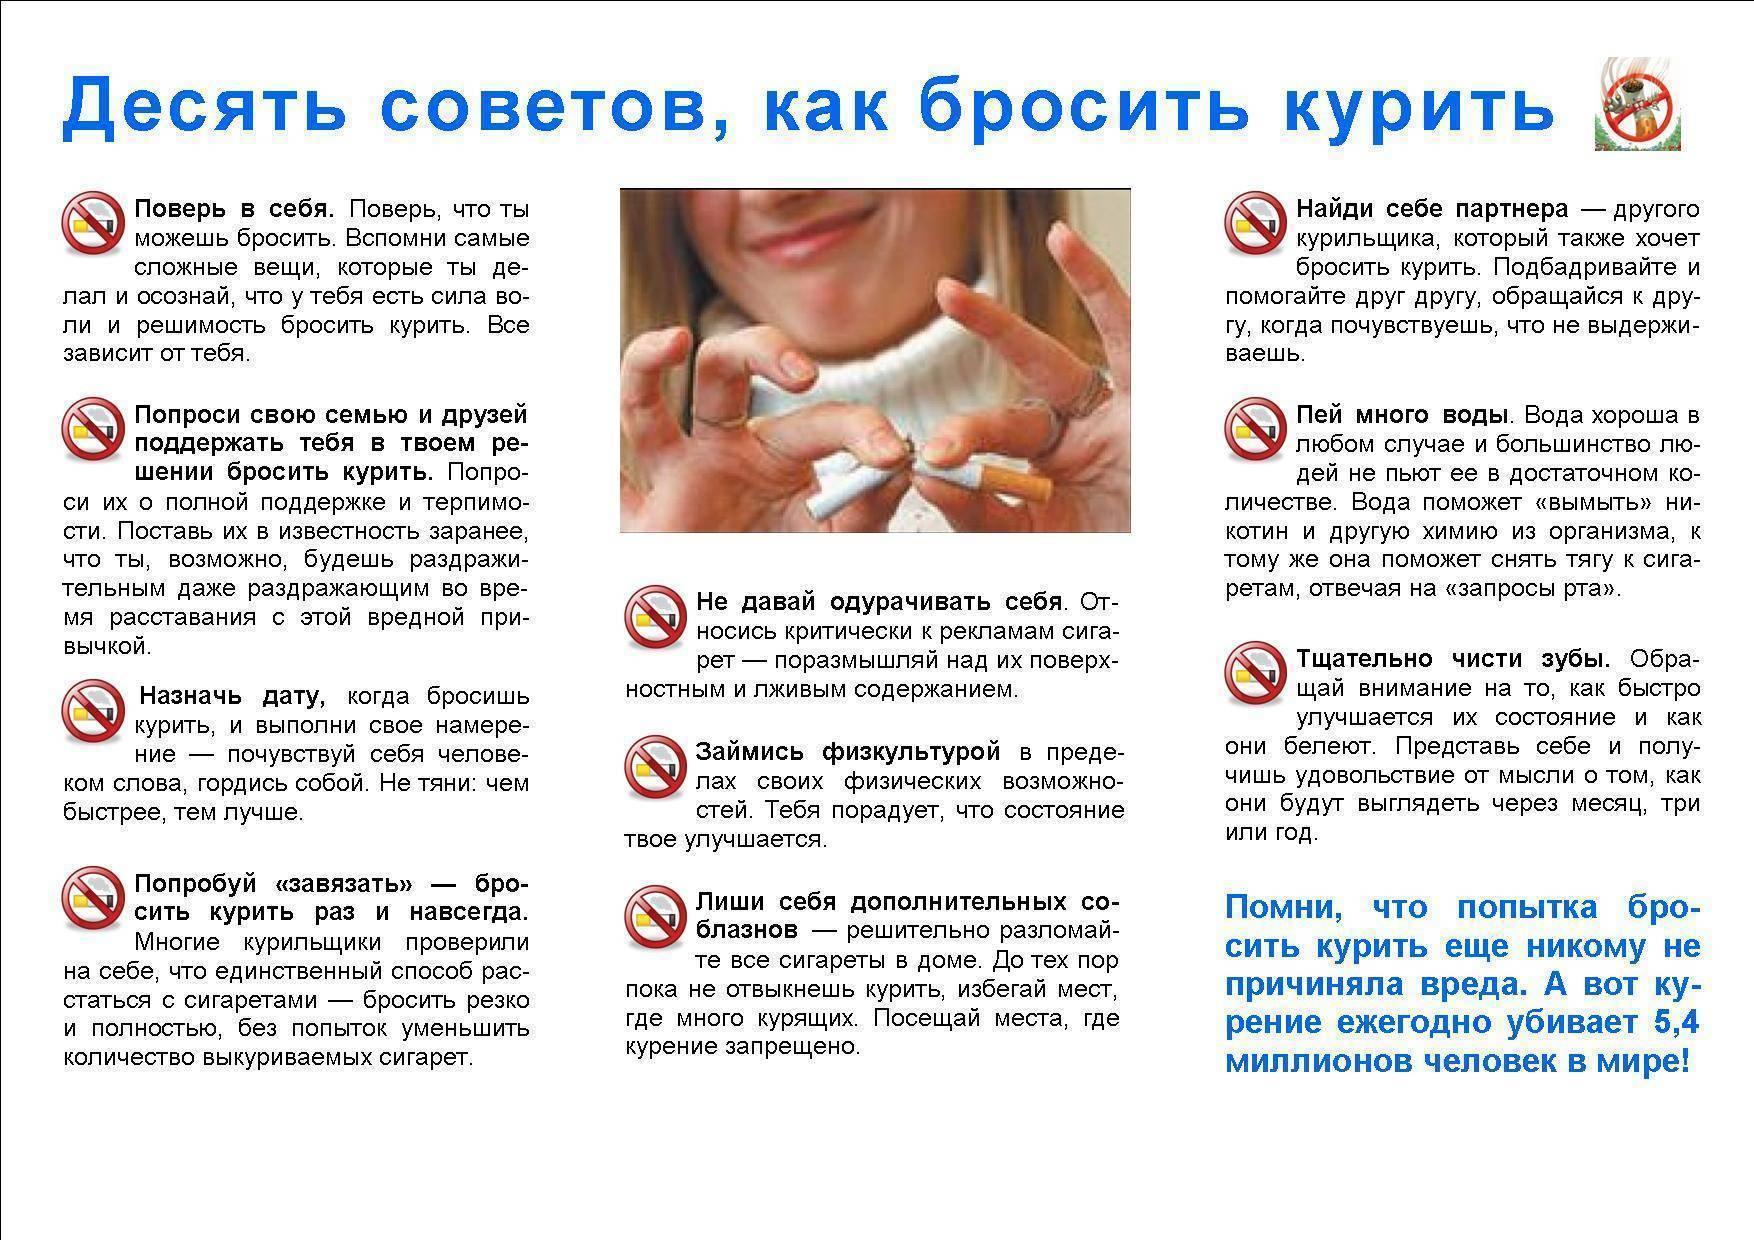 Гангрена и другие заболевания, поражающие ноги курильщика